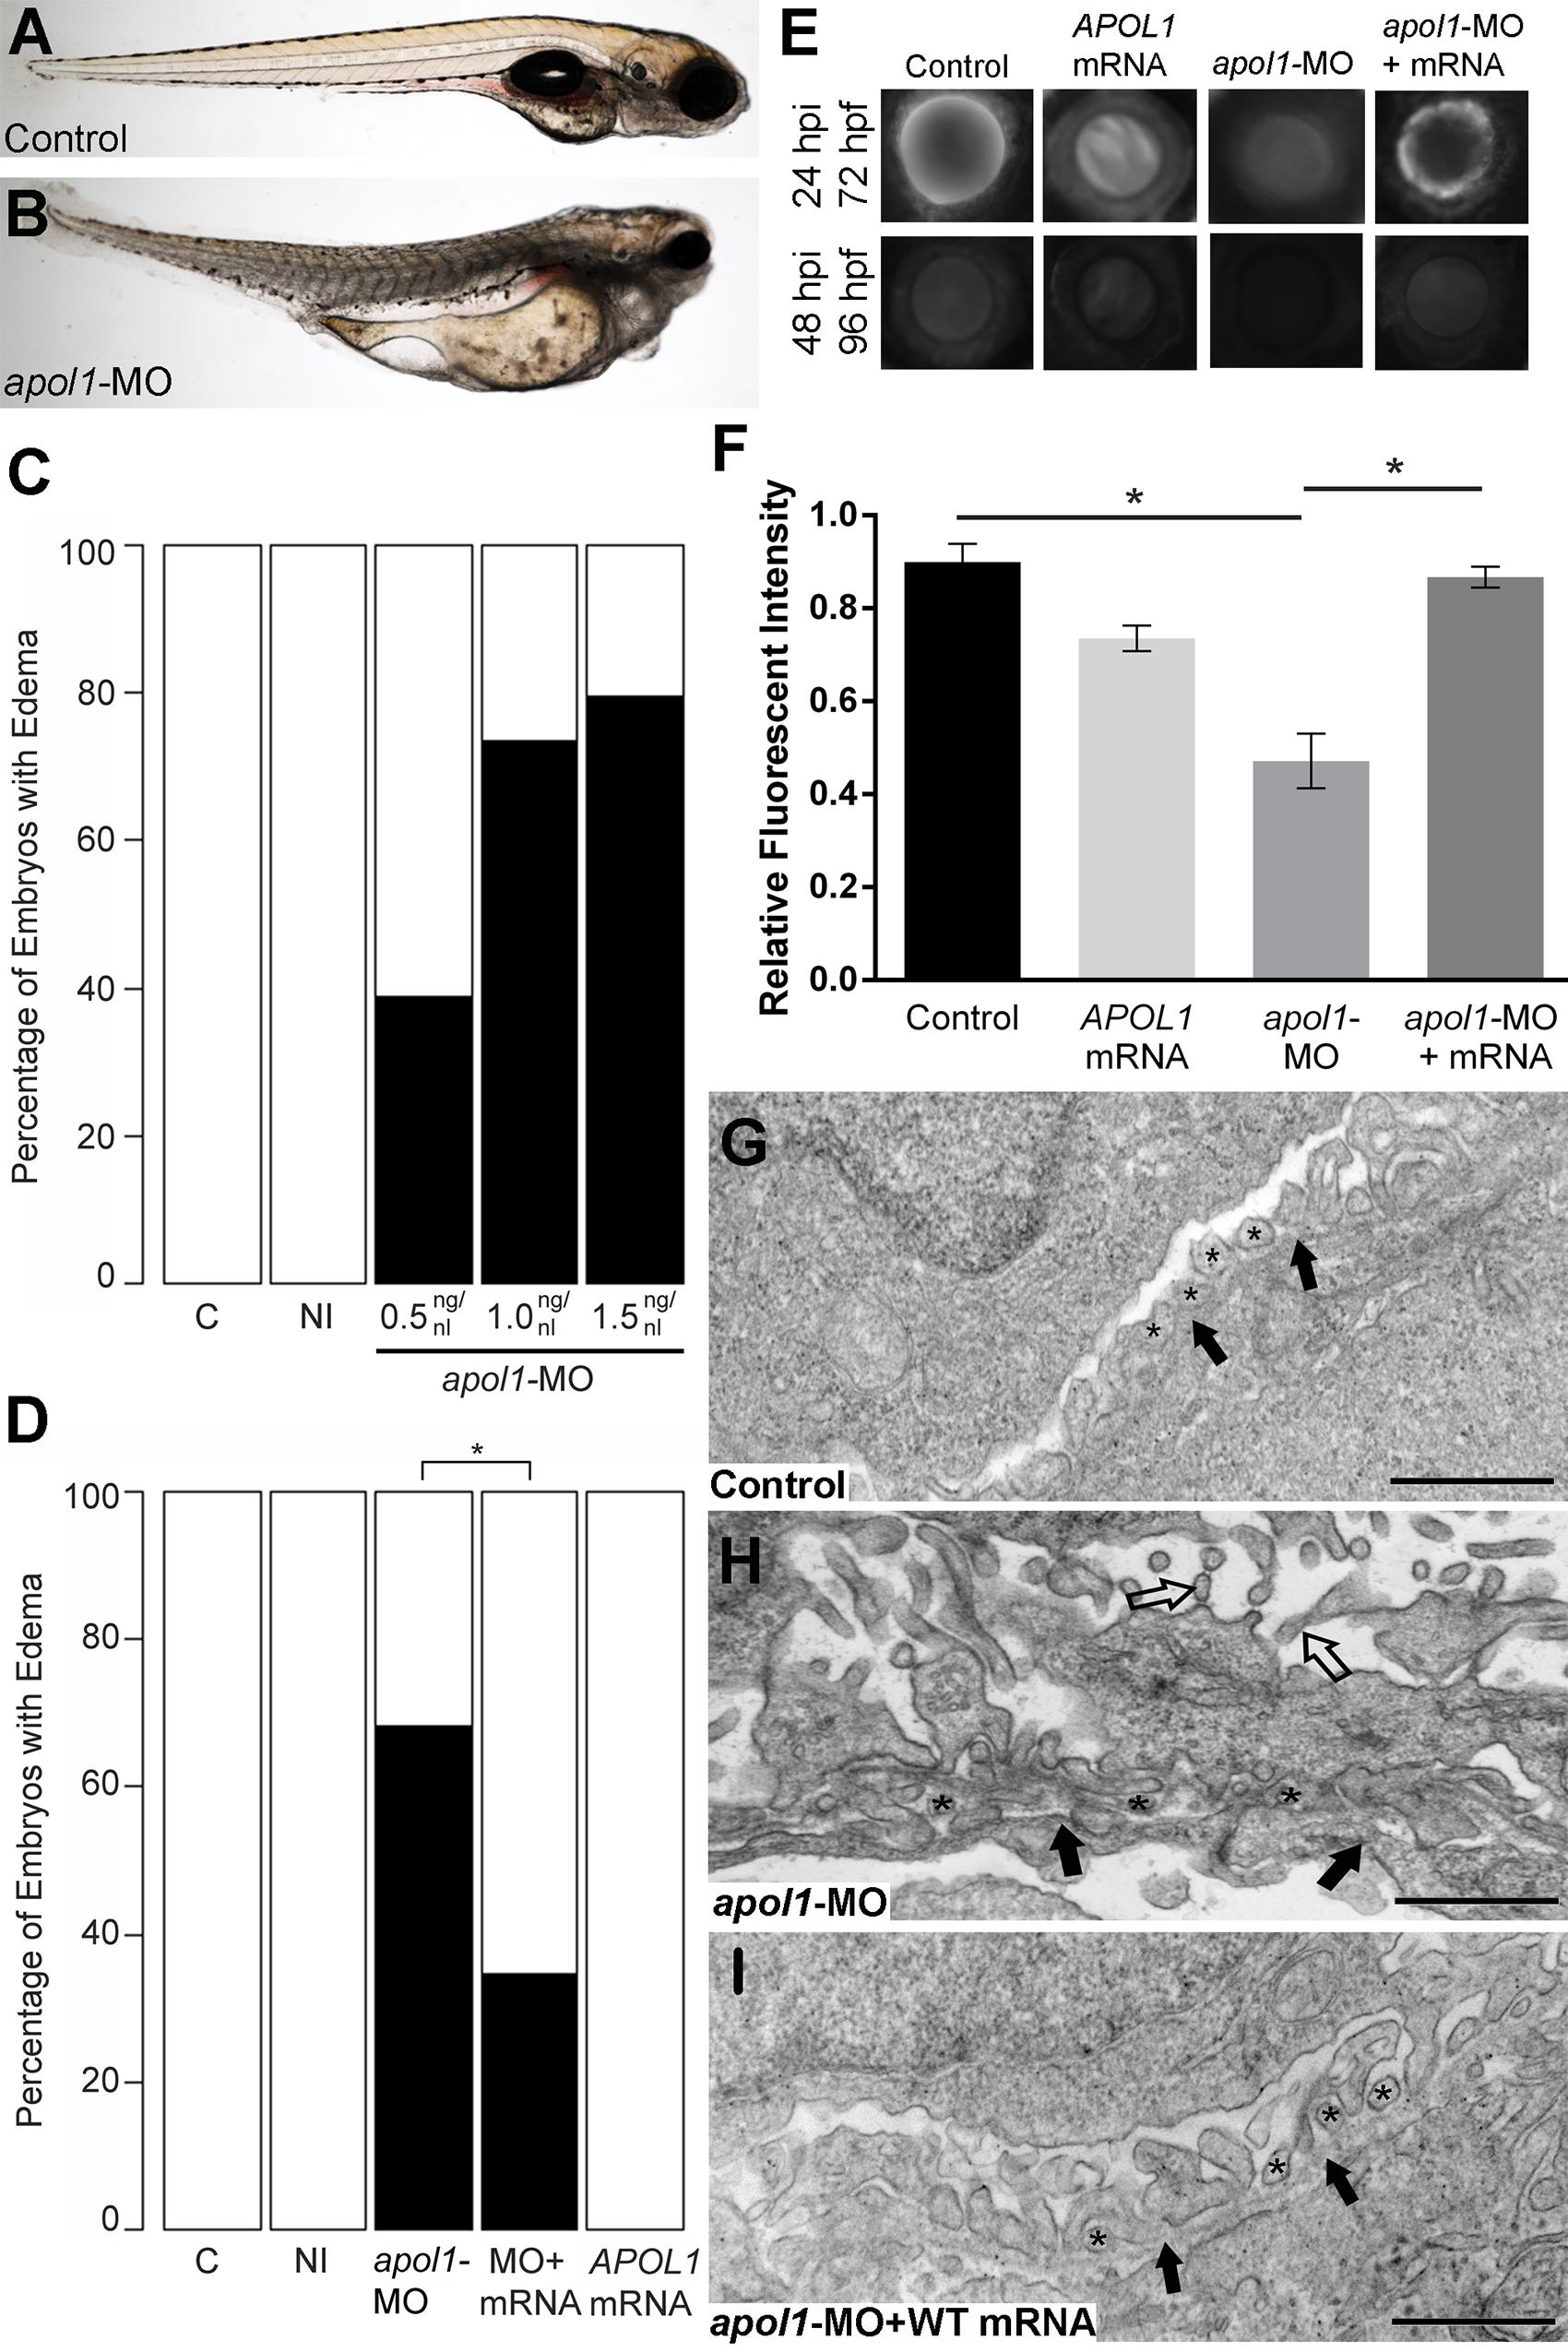 <i>apol1</i> morphant zebrafish embryos display generalized edema and glomerular filtration defects indicative of nephropathy.